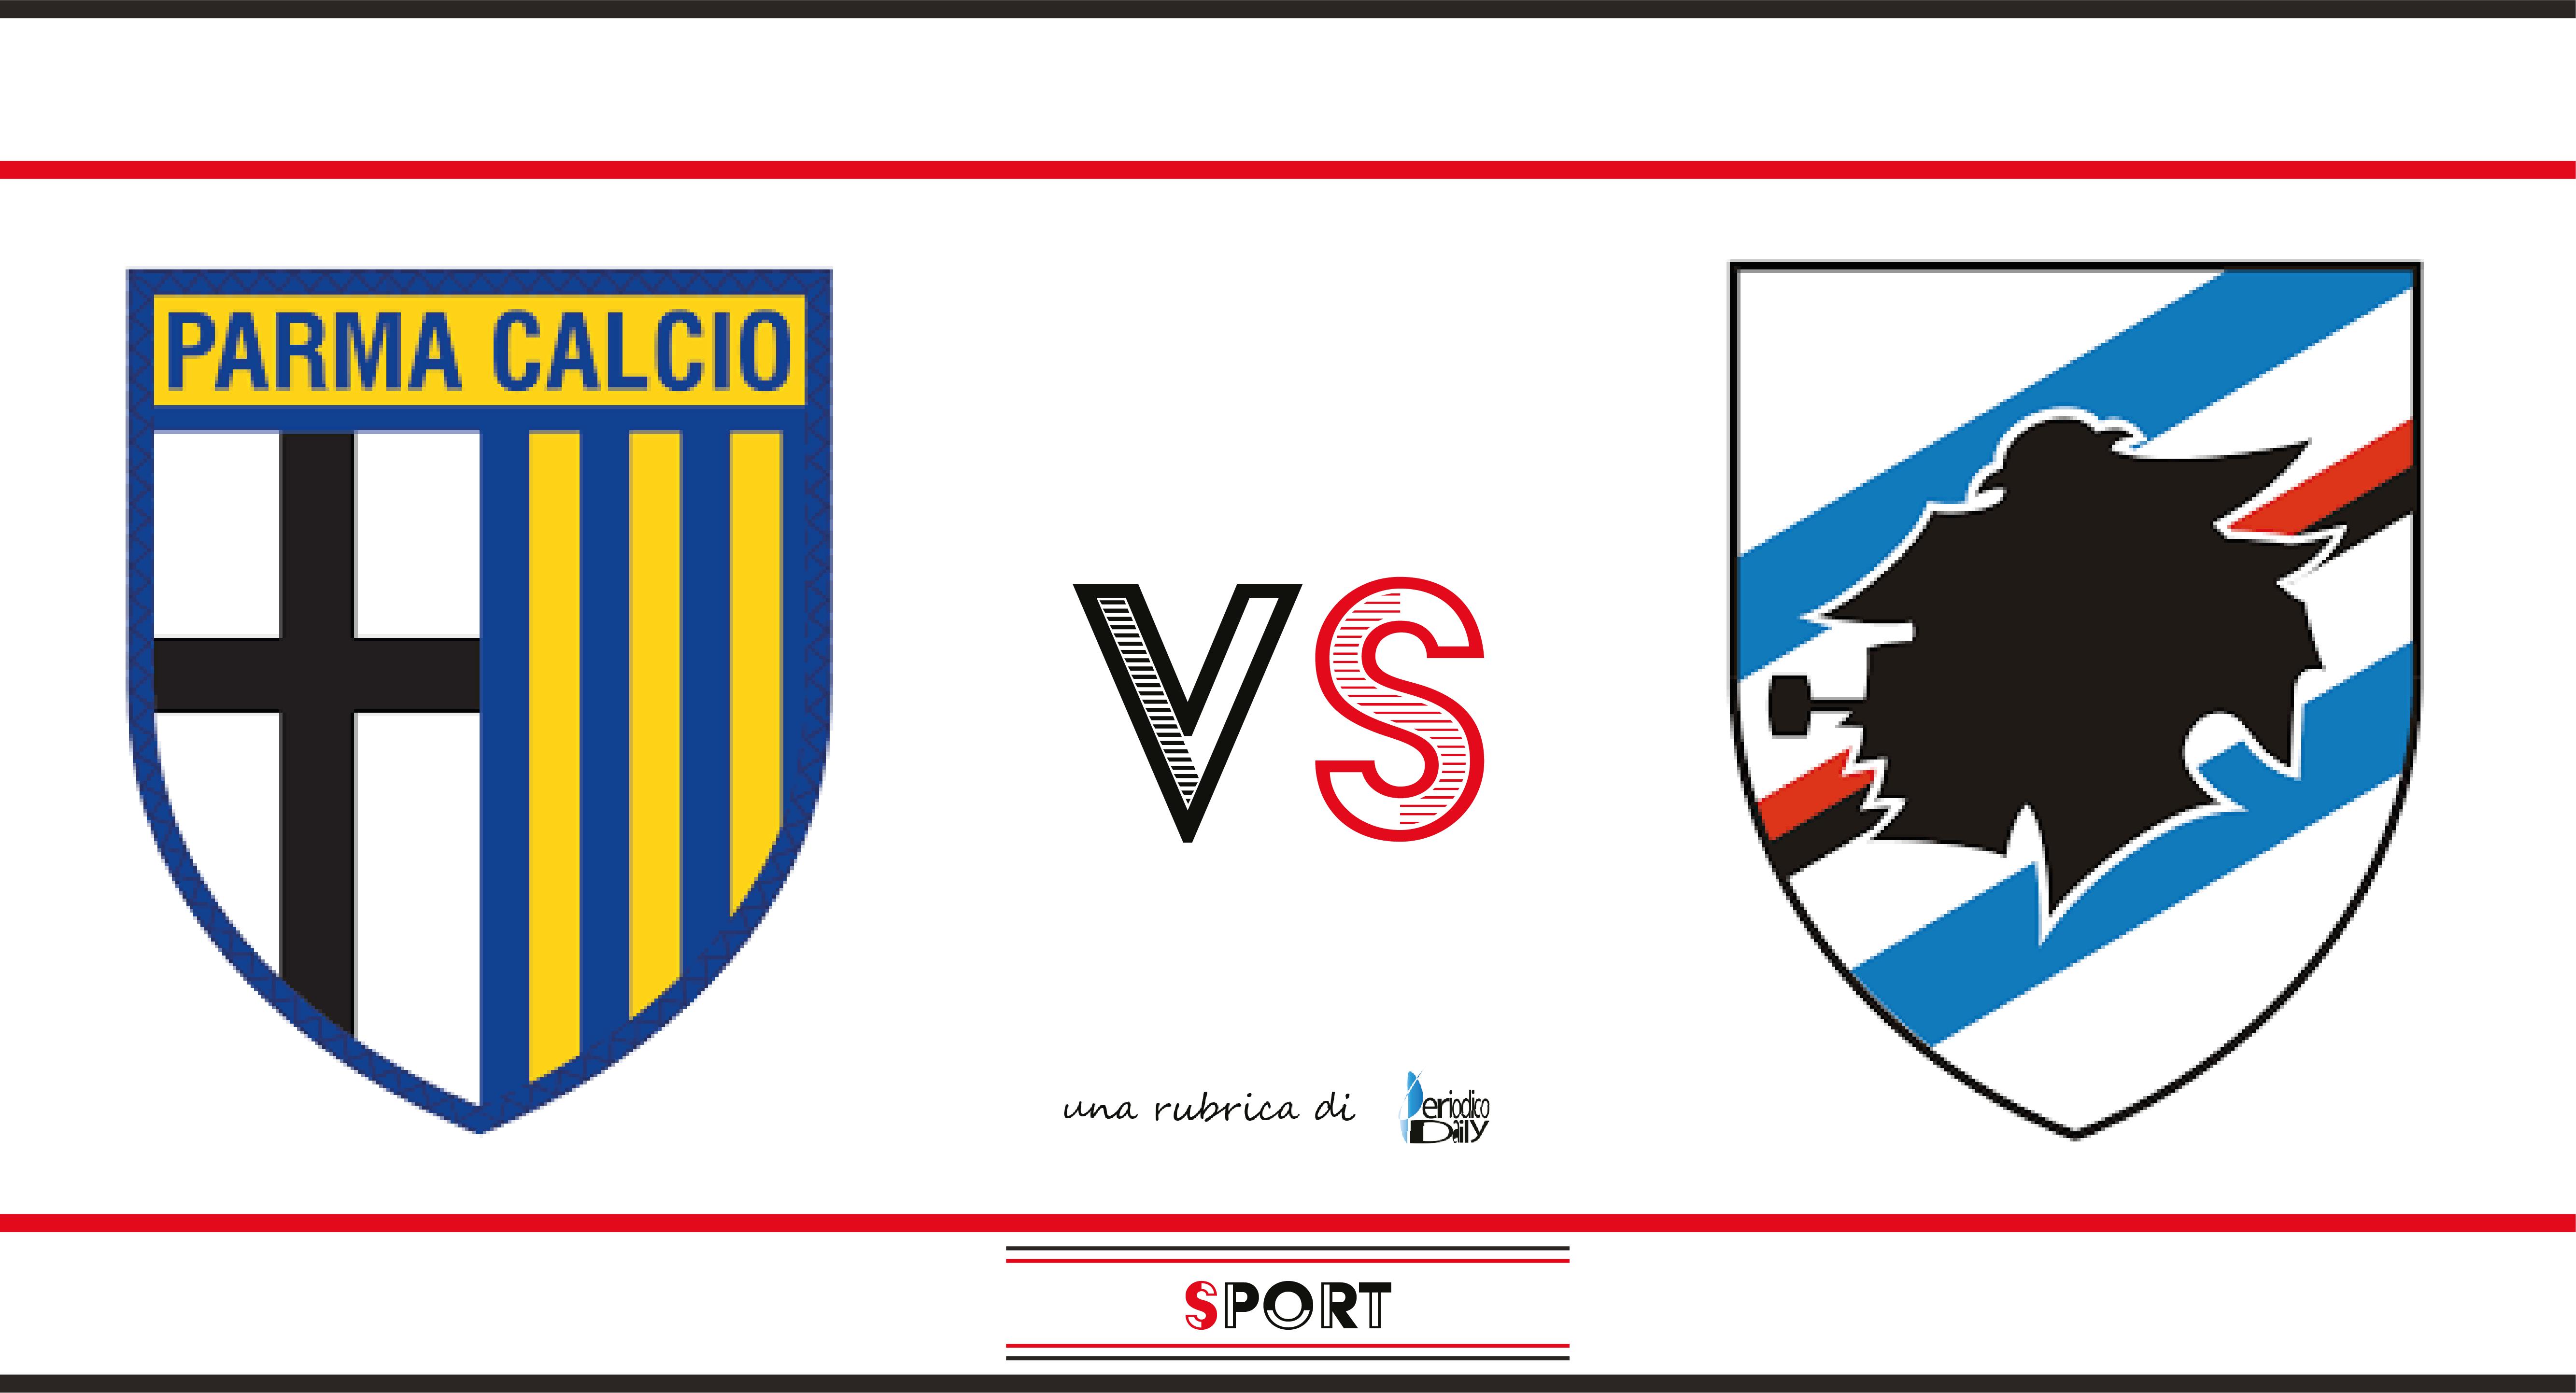 Diciannovesima giornata Serie A, Parma-Sampdoria: probabili formazioni, orario e dove vederla